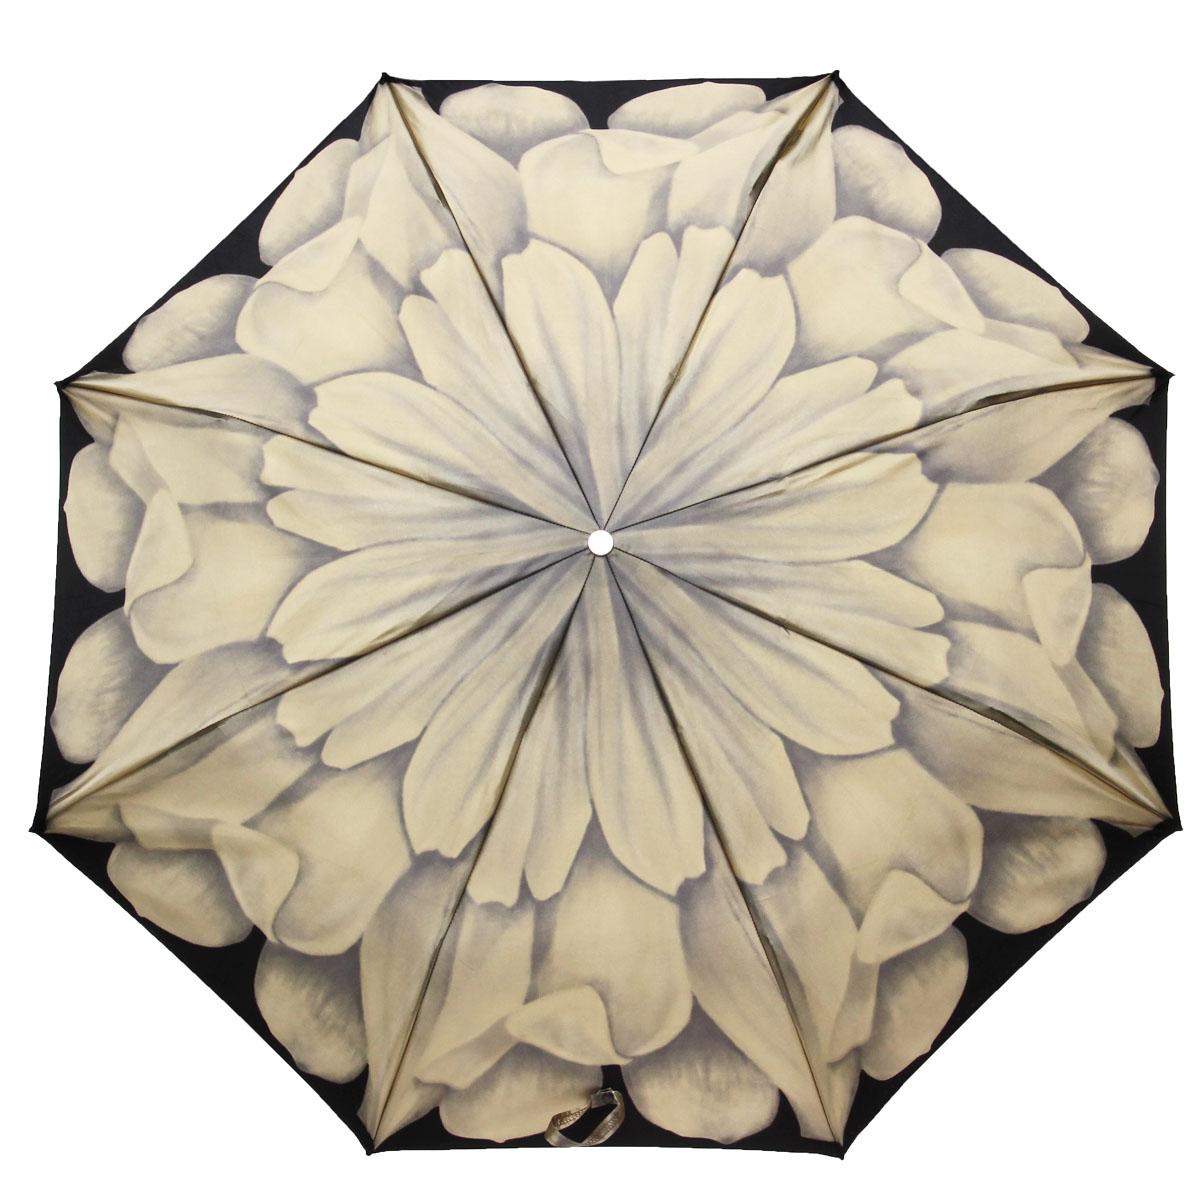 Зонт жеский Pasotti, механический, 3 сложения, черный, серый257-21065-48-A28Стильный механический зонт Pasotti даже в ненастную погоду позволит вам оставаться стильной и элегантной. Фигурная рукоятка выполнена из металла и украшена резным орнаментом и стразой. Каркас зонта состоит из восьми металлических спиц. Зонт имеет механический механизм сложения: купол открывается и закрывается вручную до характерного щелчка. Купол зонта выполнен из прочного сатина и оформлен изображением цветка. Закрытый купол фиксируется хлястиком на кнопку. Компактные размеры зонта в сложенном виде позволят ему без труда поместиться в сумочке и не доставят никаких проблем во время переноски. На рукоятке для удобства есть металлическая цепочка, позволяющая надеть зонт на руку тогда, когда это будет необходимо. К зонту прилагается чехол.